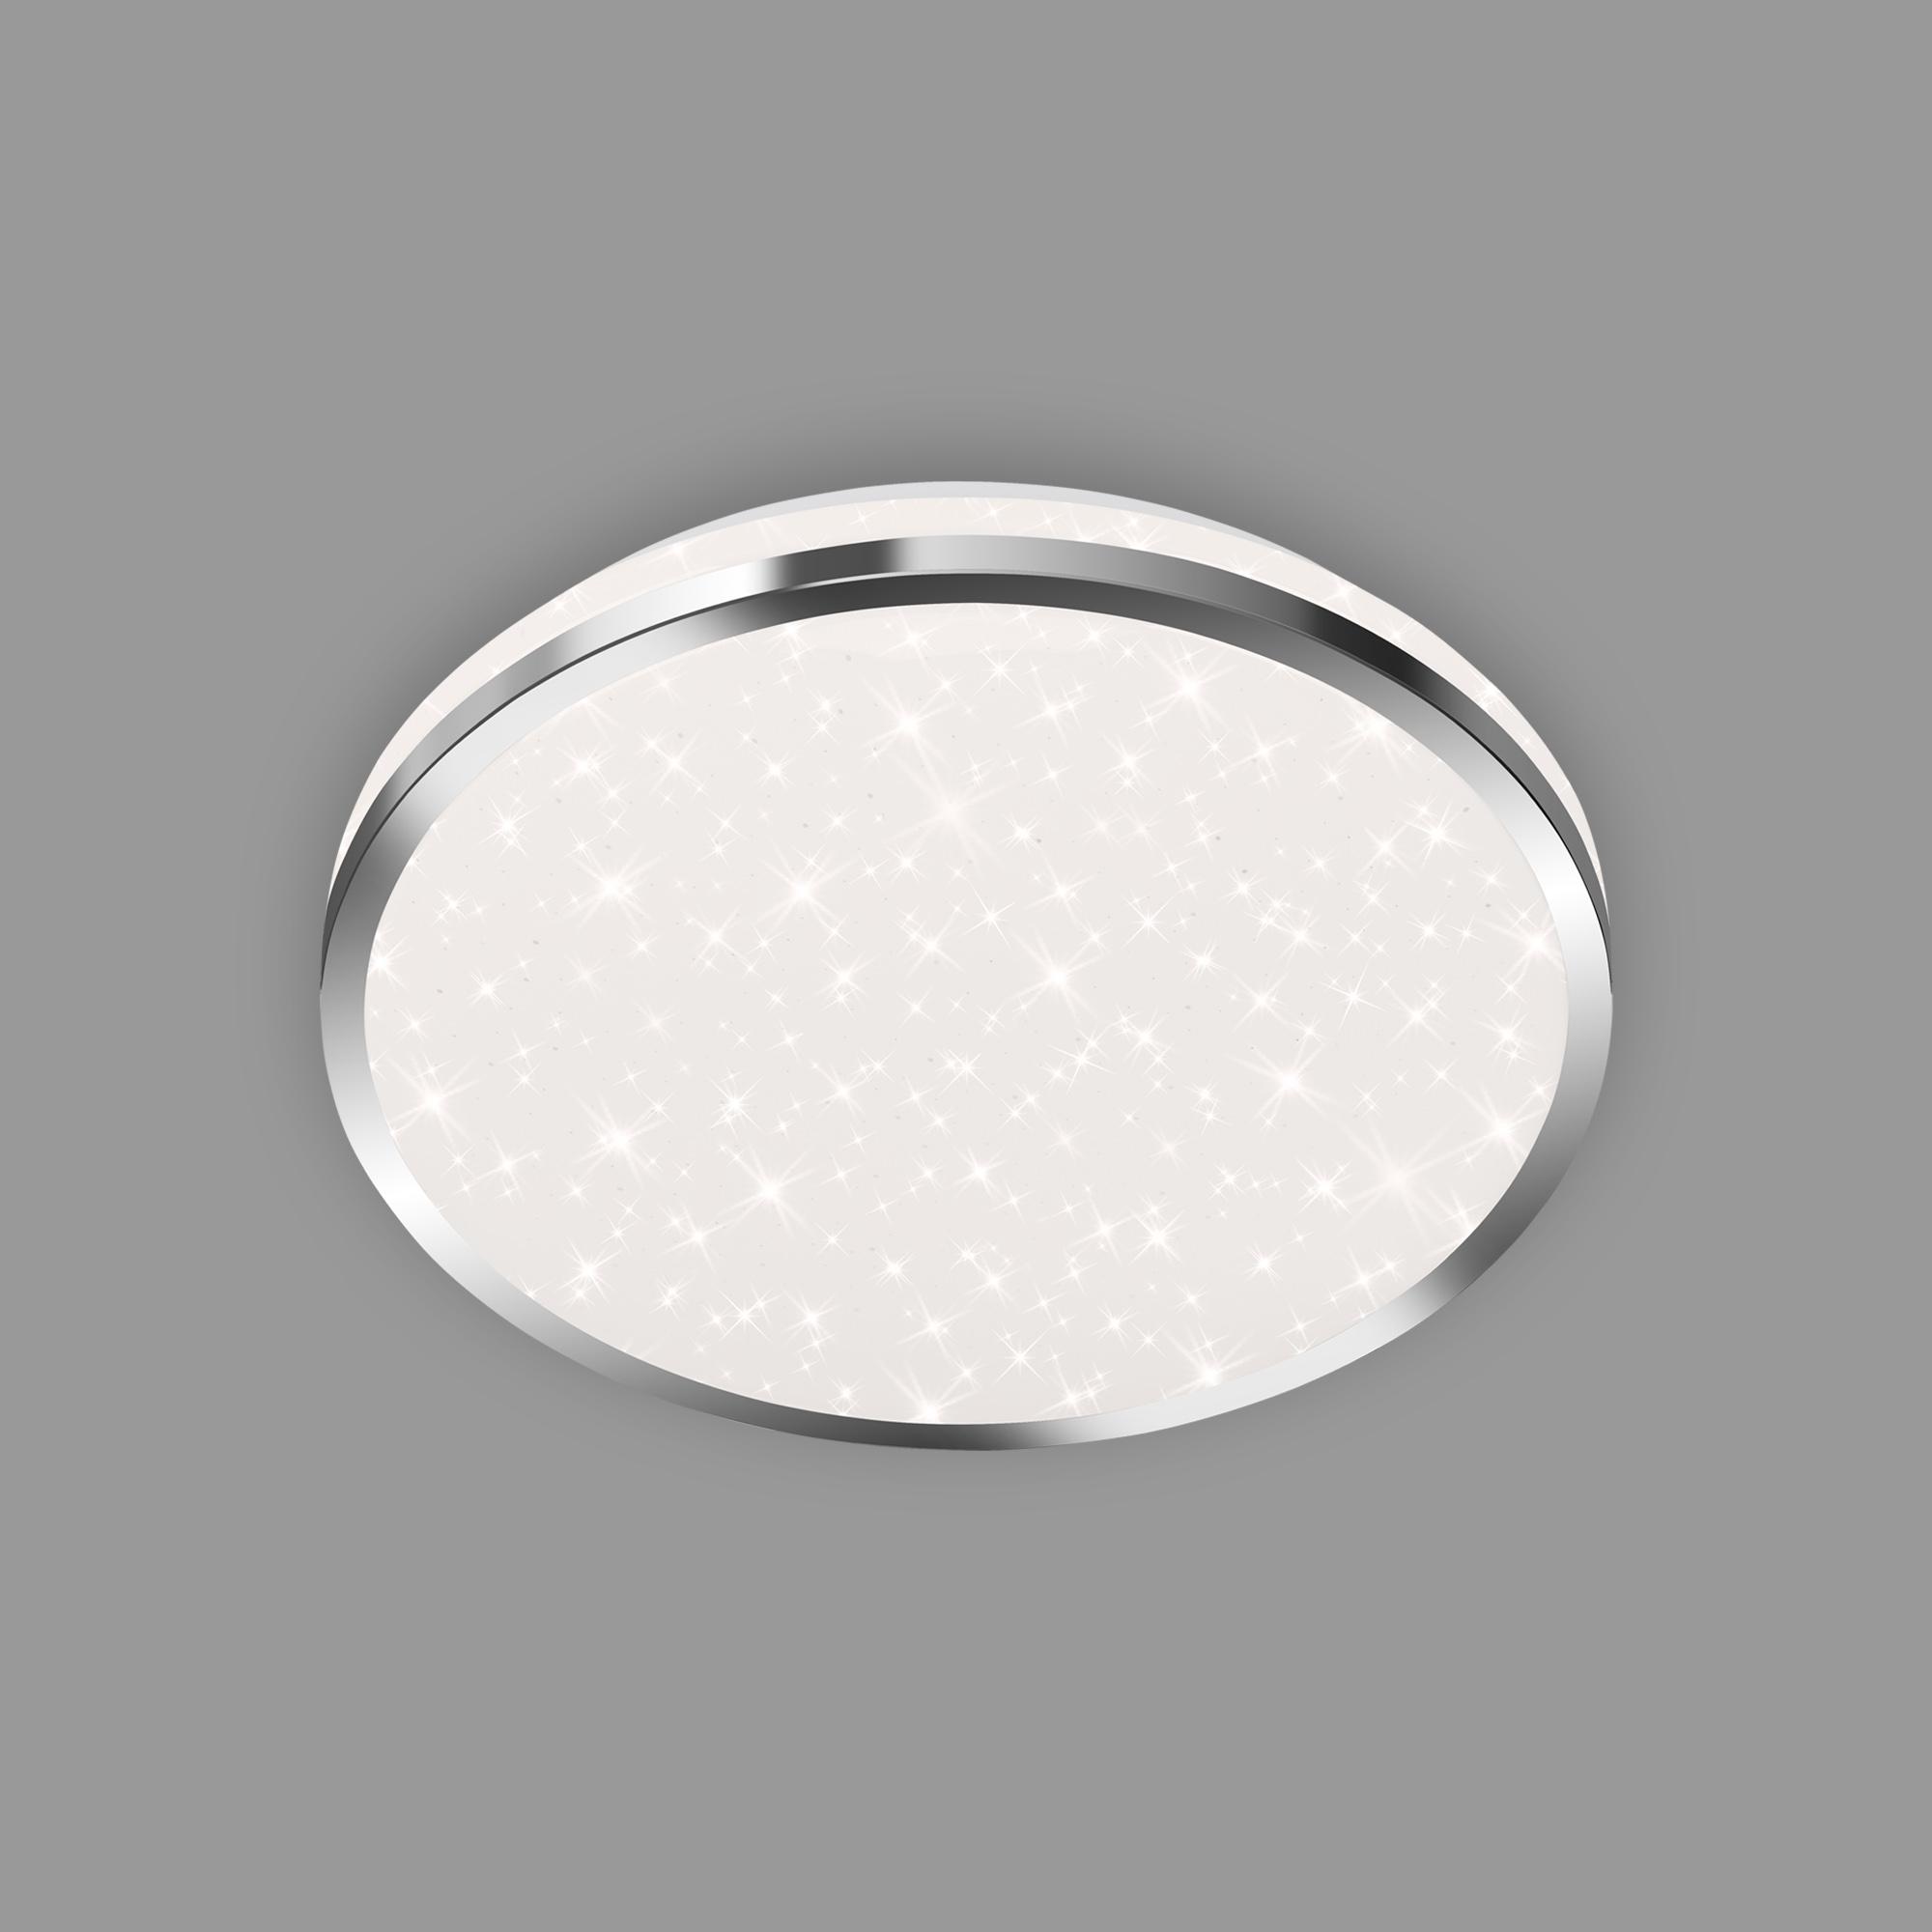 STERNENHIMMEL LED Deckenleuchte, Ø 28 cm, 12 W, Chrom